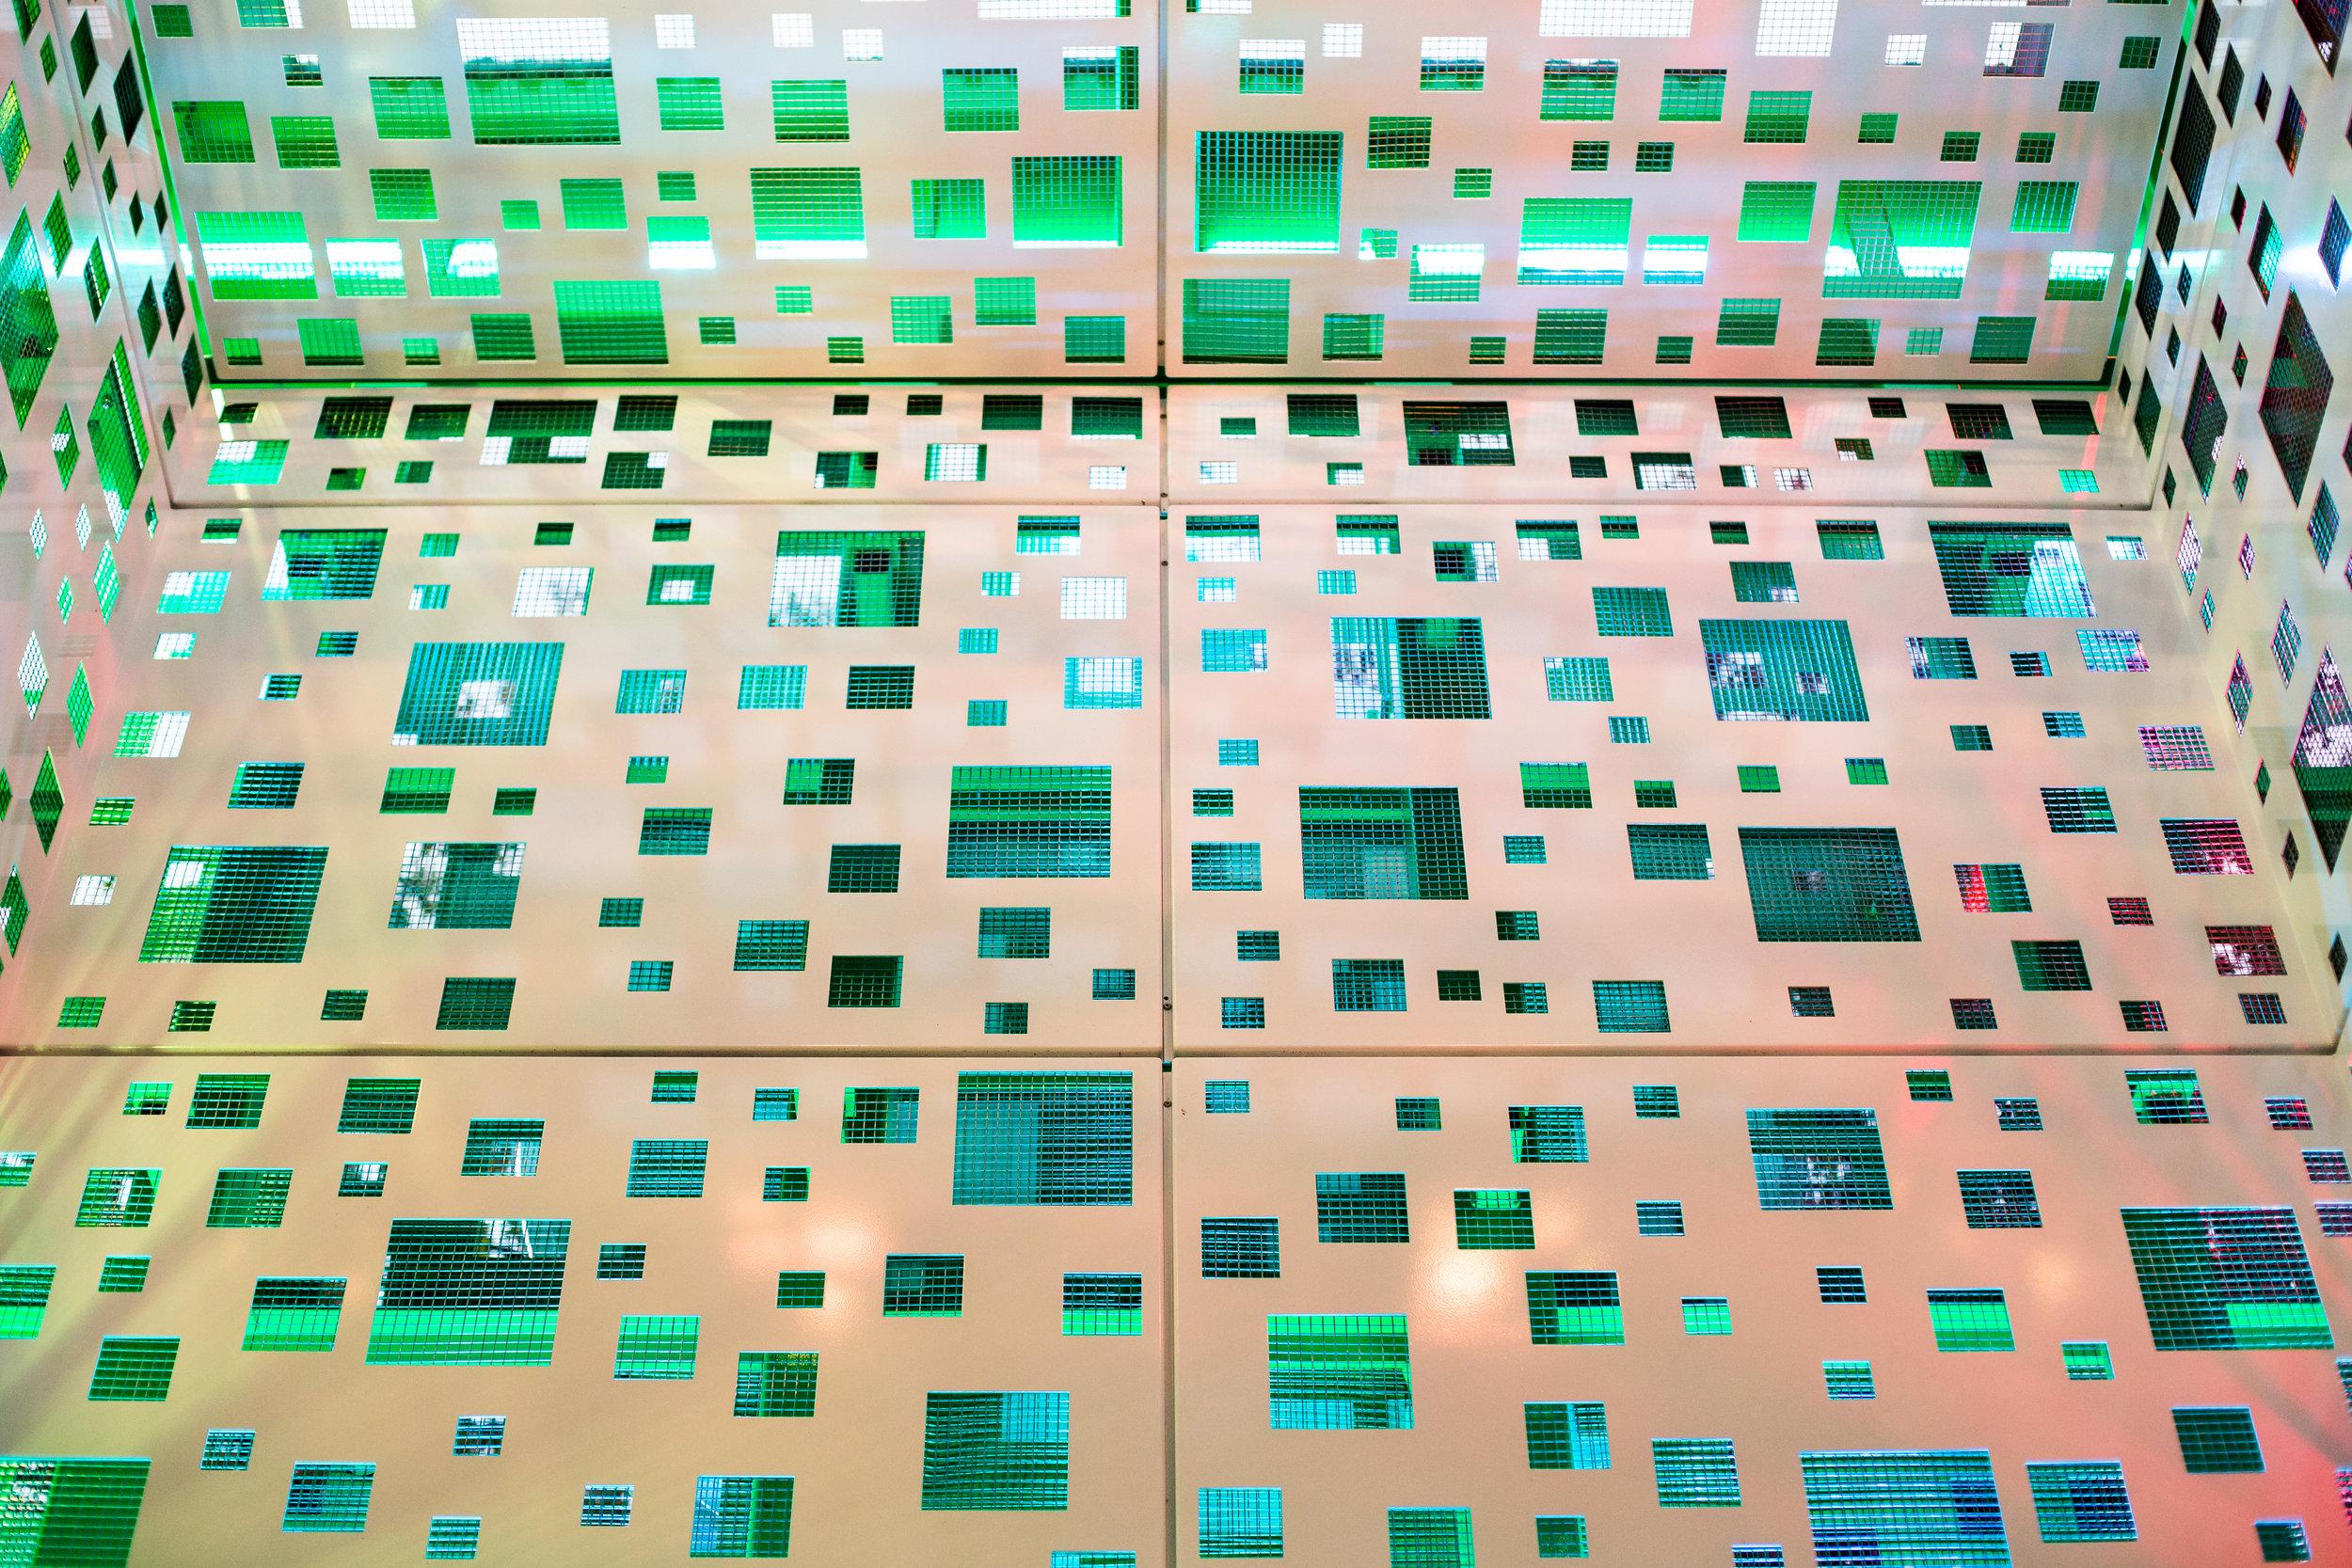 Deakin_Cube_10april_0013.jpg